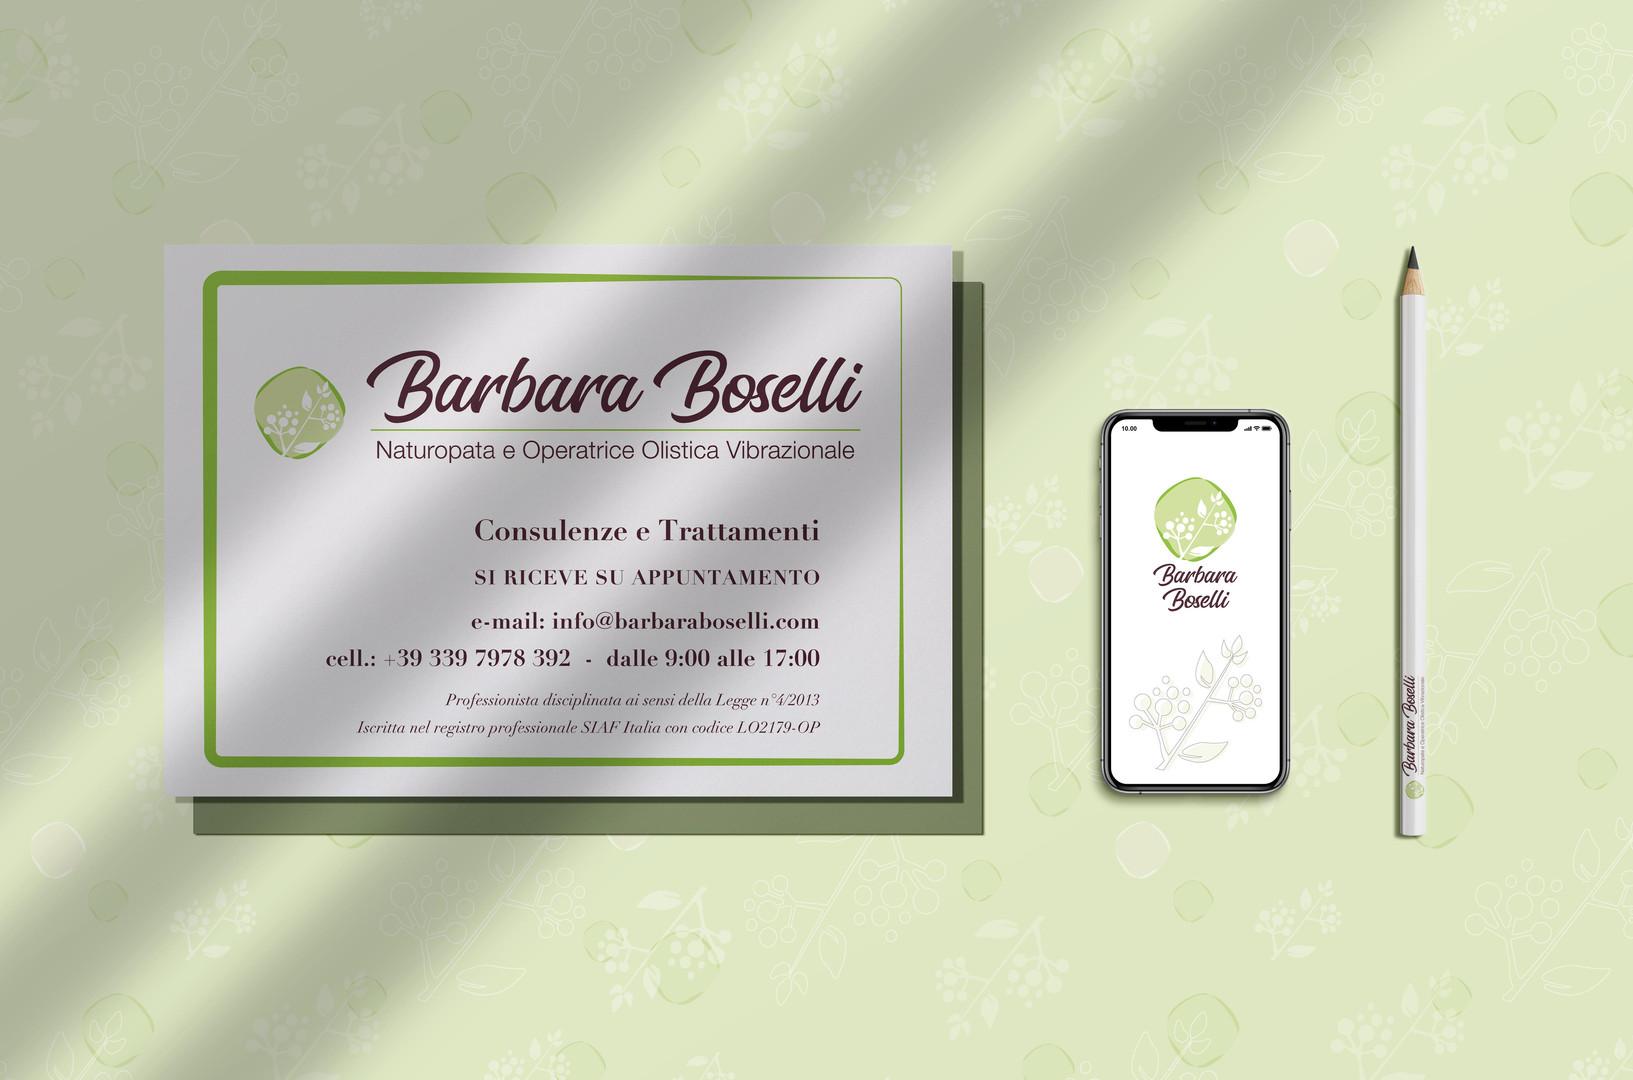 BarbaraBoselli-targa.jpg